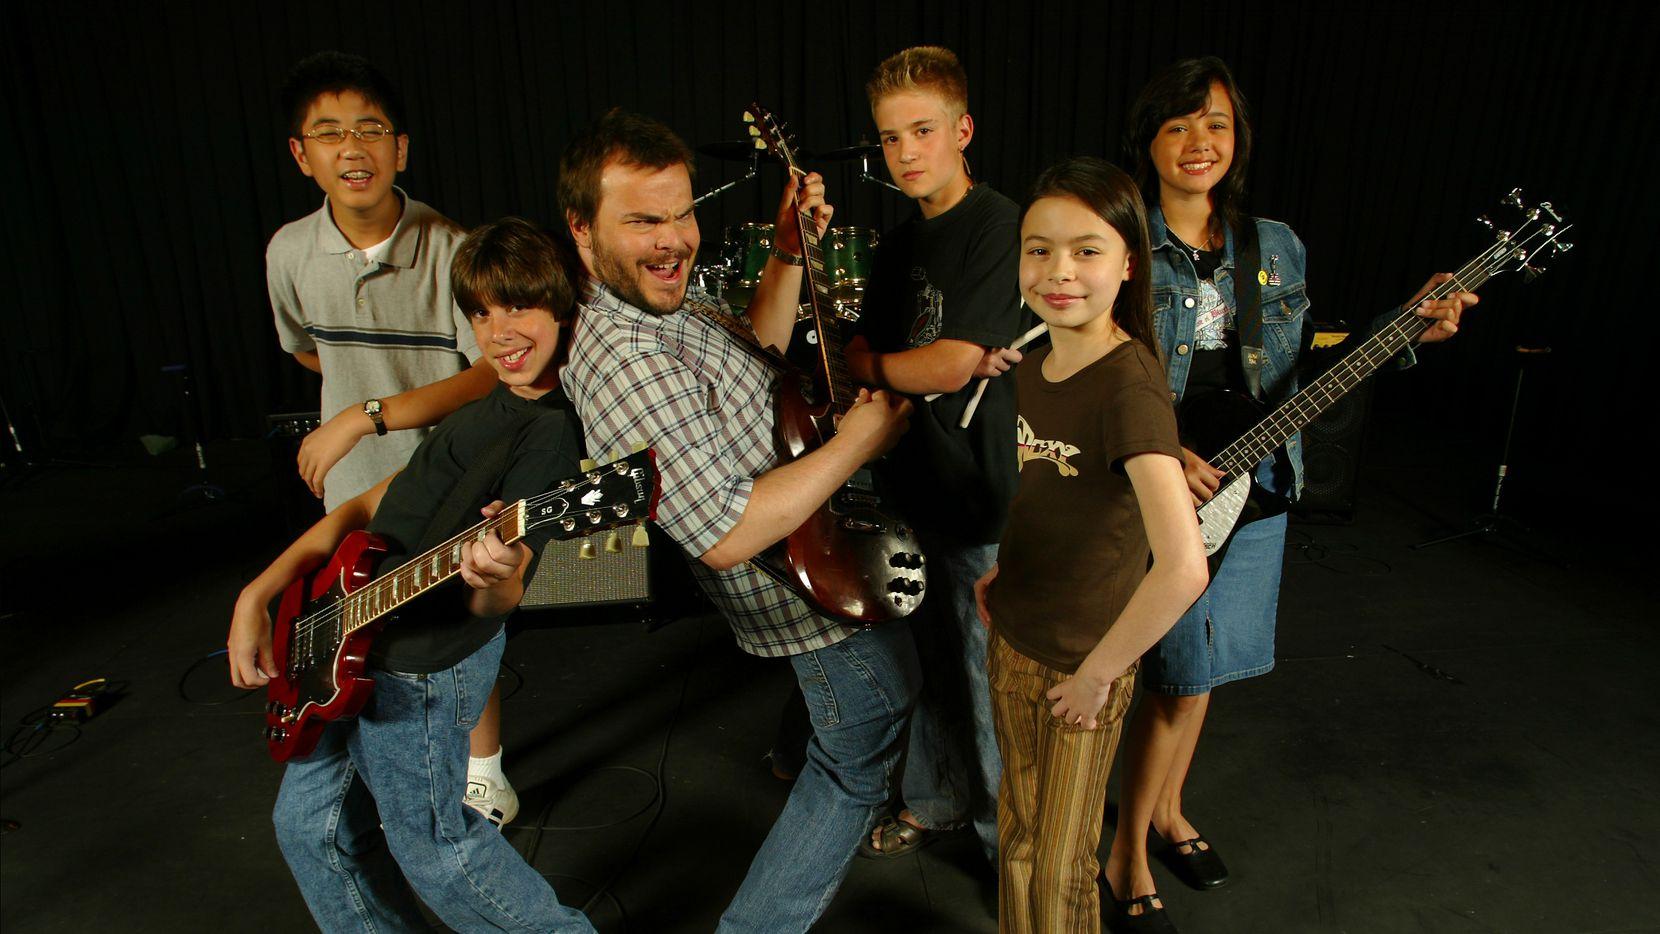 Elenco de 'School of Rock' con (desde la izquierda) Robert Tsai, Joey Gaydos Jr., Jack Black, Kevin Clark, Miranda Cosgrove y Rebecca Brown.